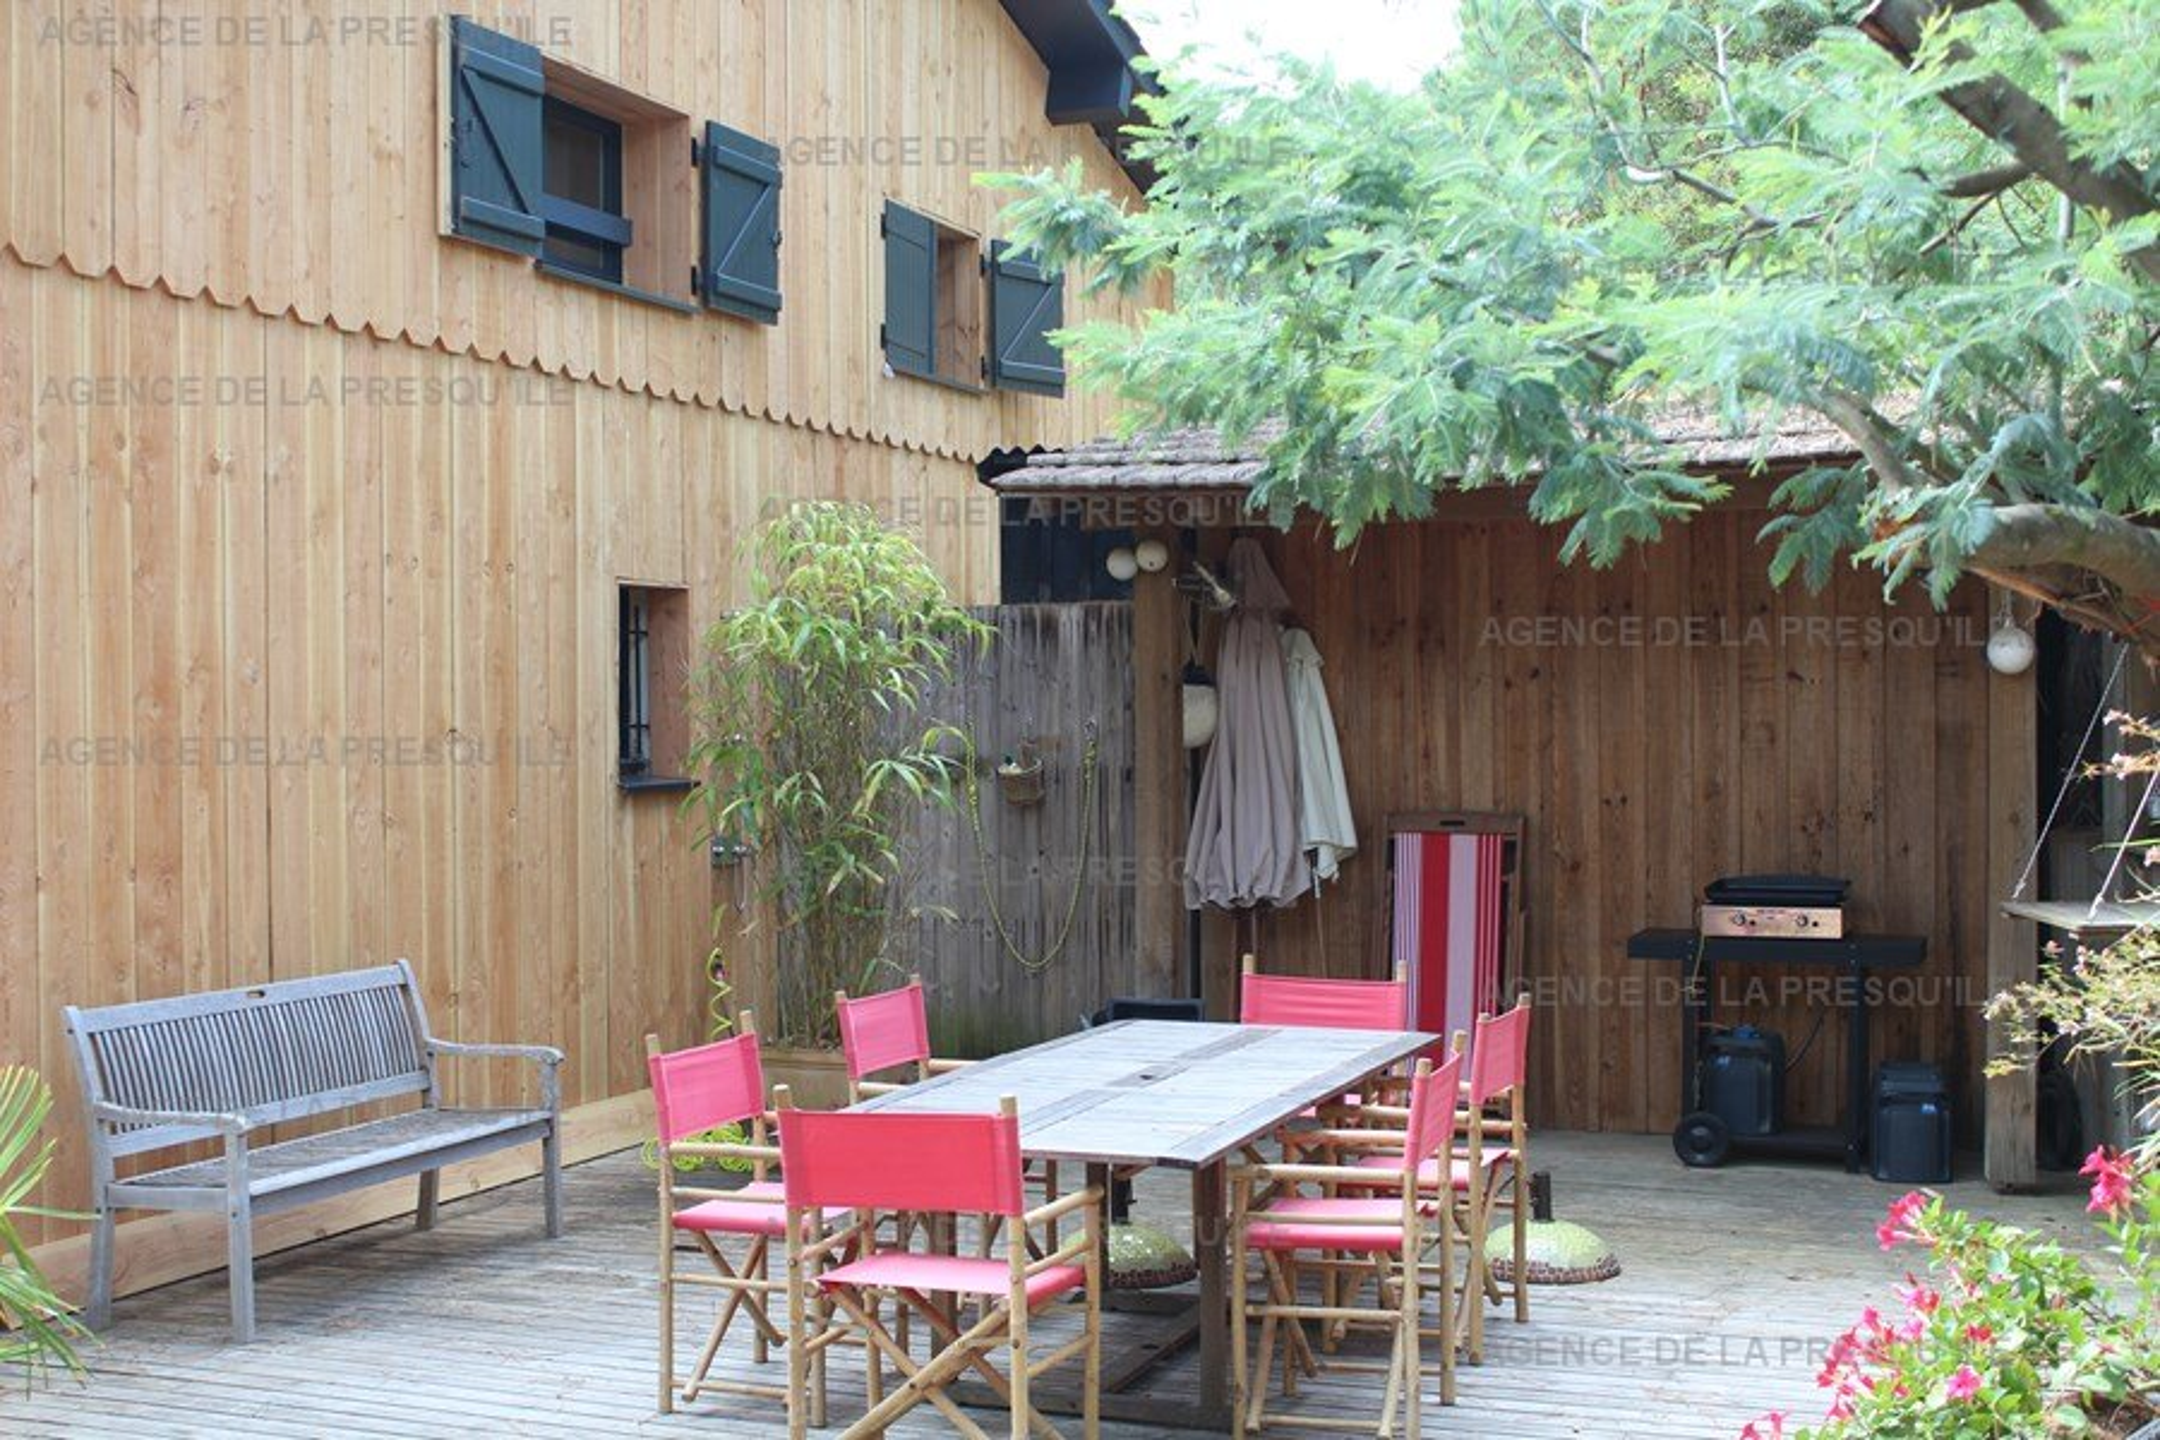 Location: Jolie villa en bois située au mimbeau 3